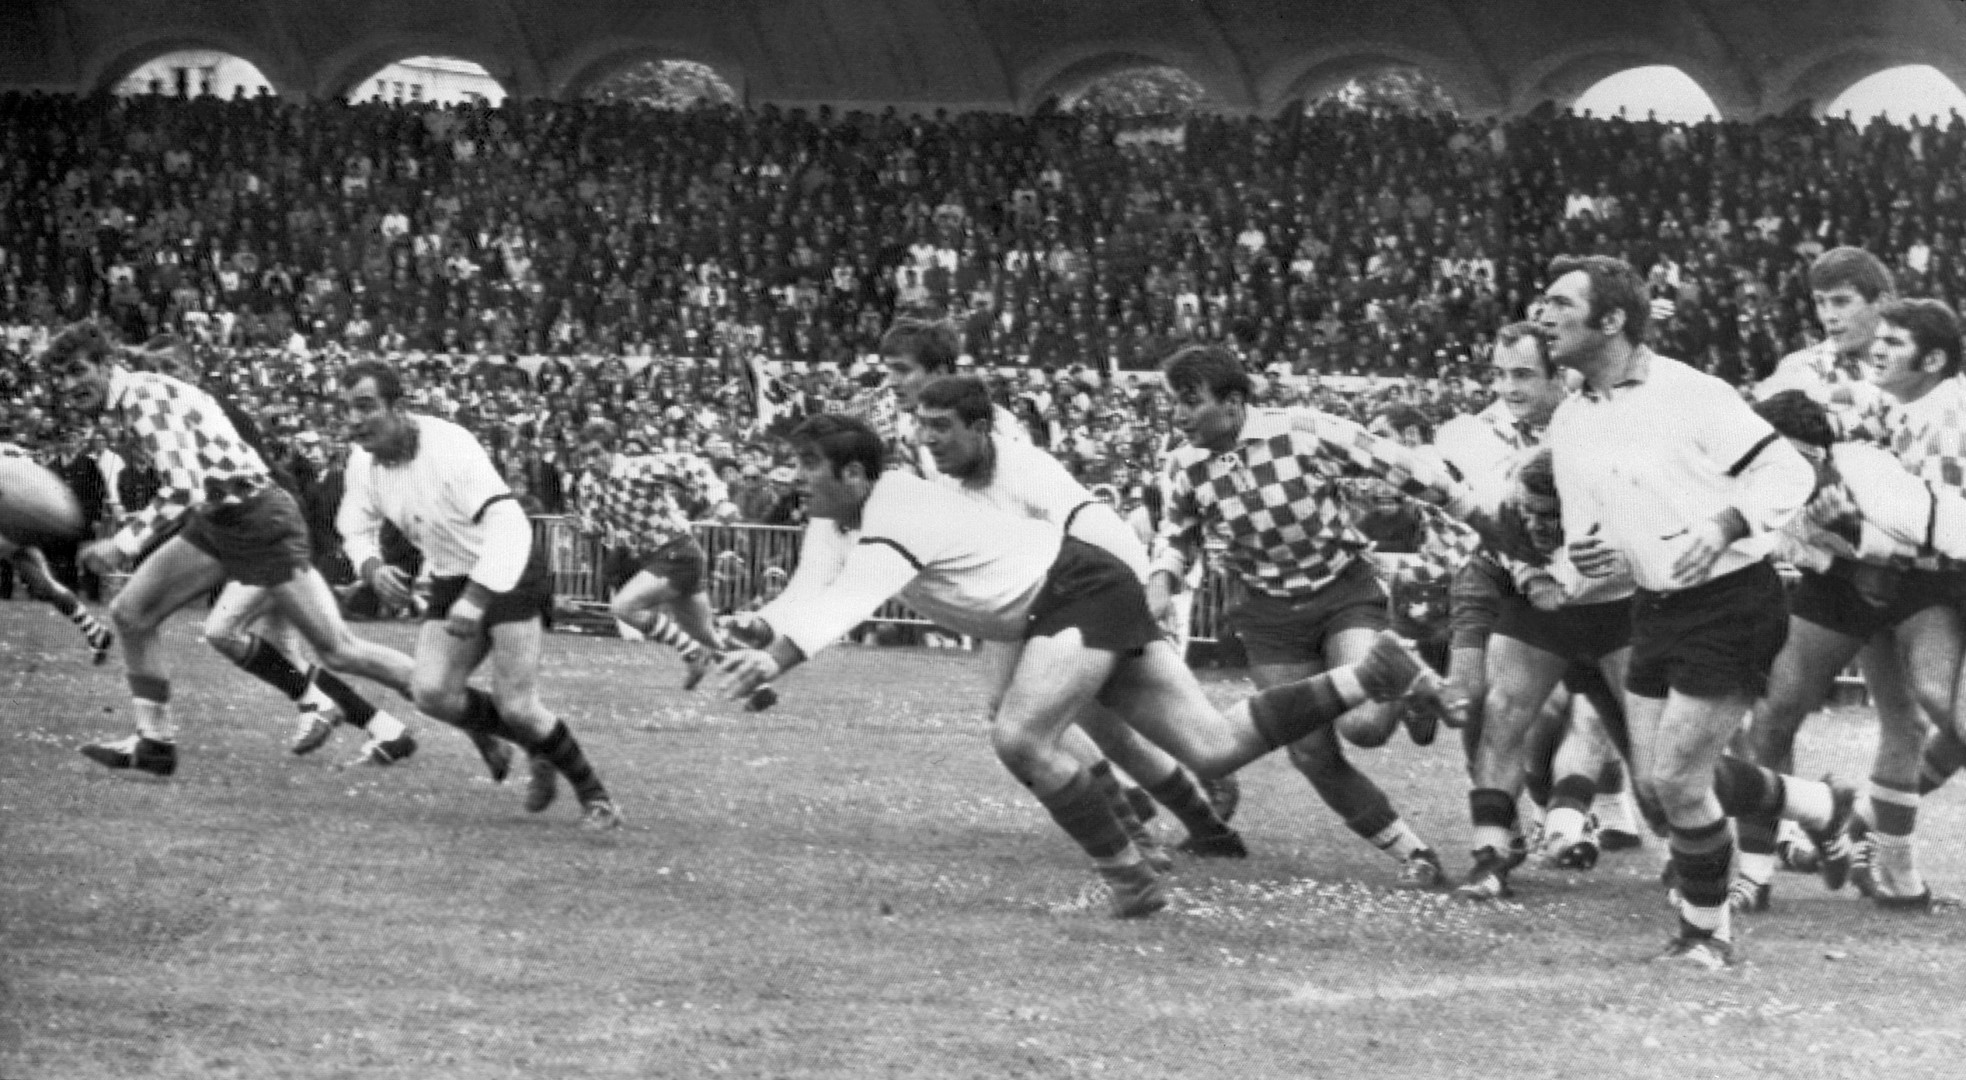 28 mai 1967 : Lescure accueille la finale du championnat de France de rugby Montauban - Bègles-Bordeaux